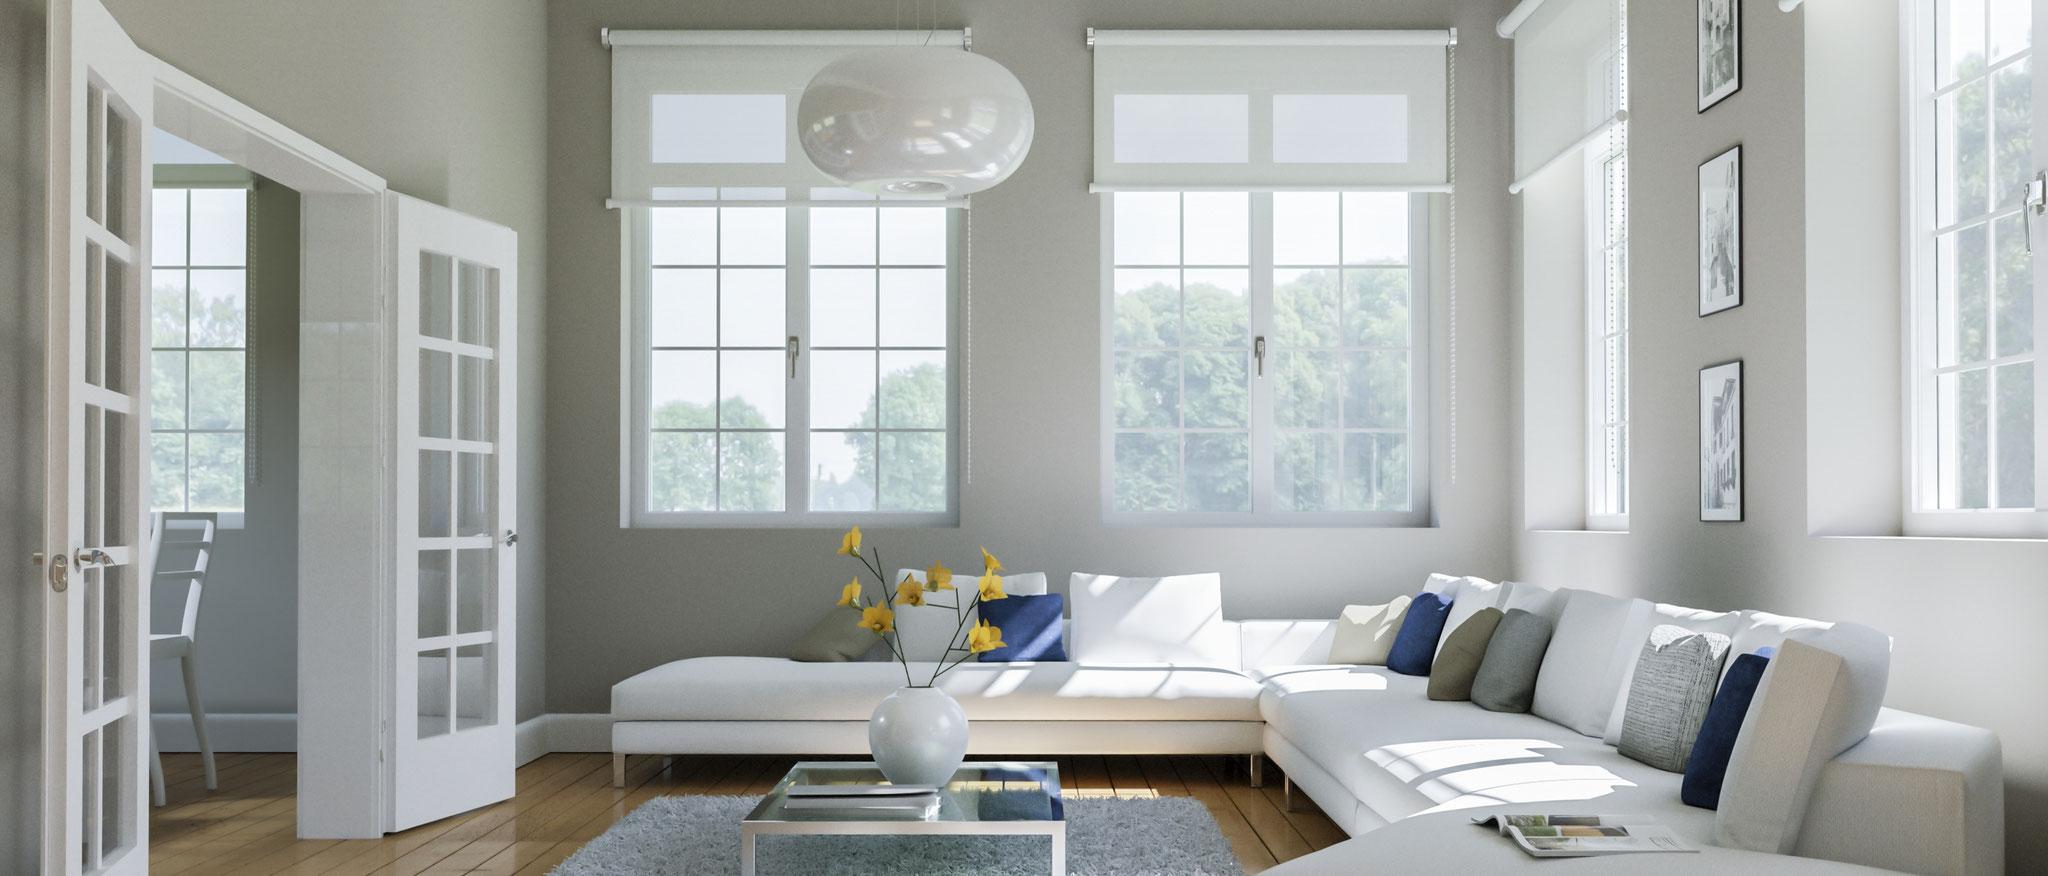 Aktuelle Objekte: Wohnungen